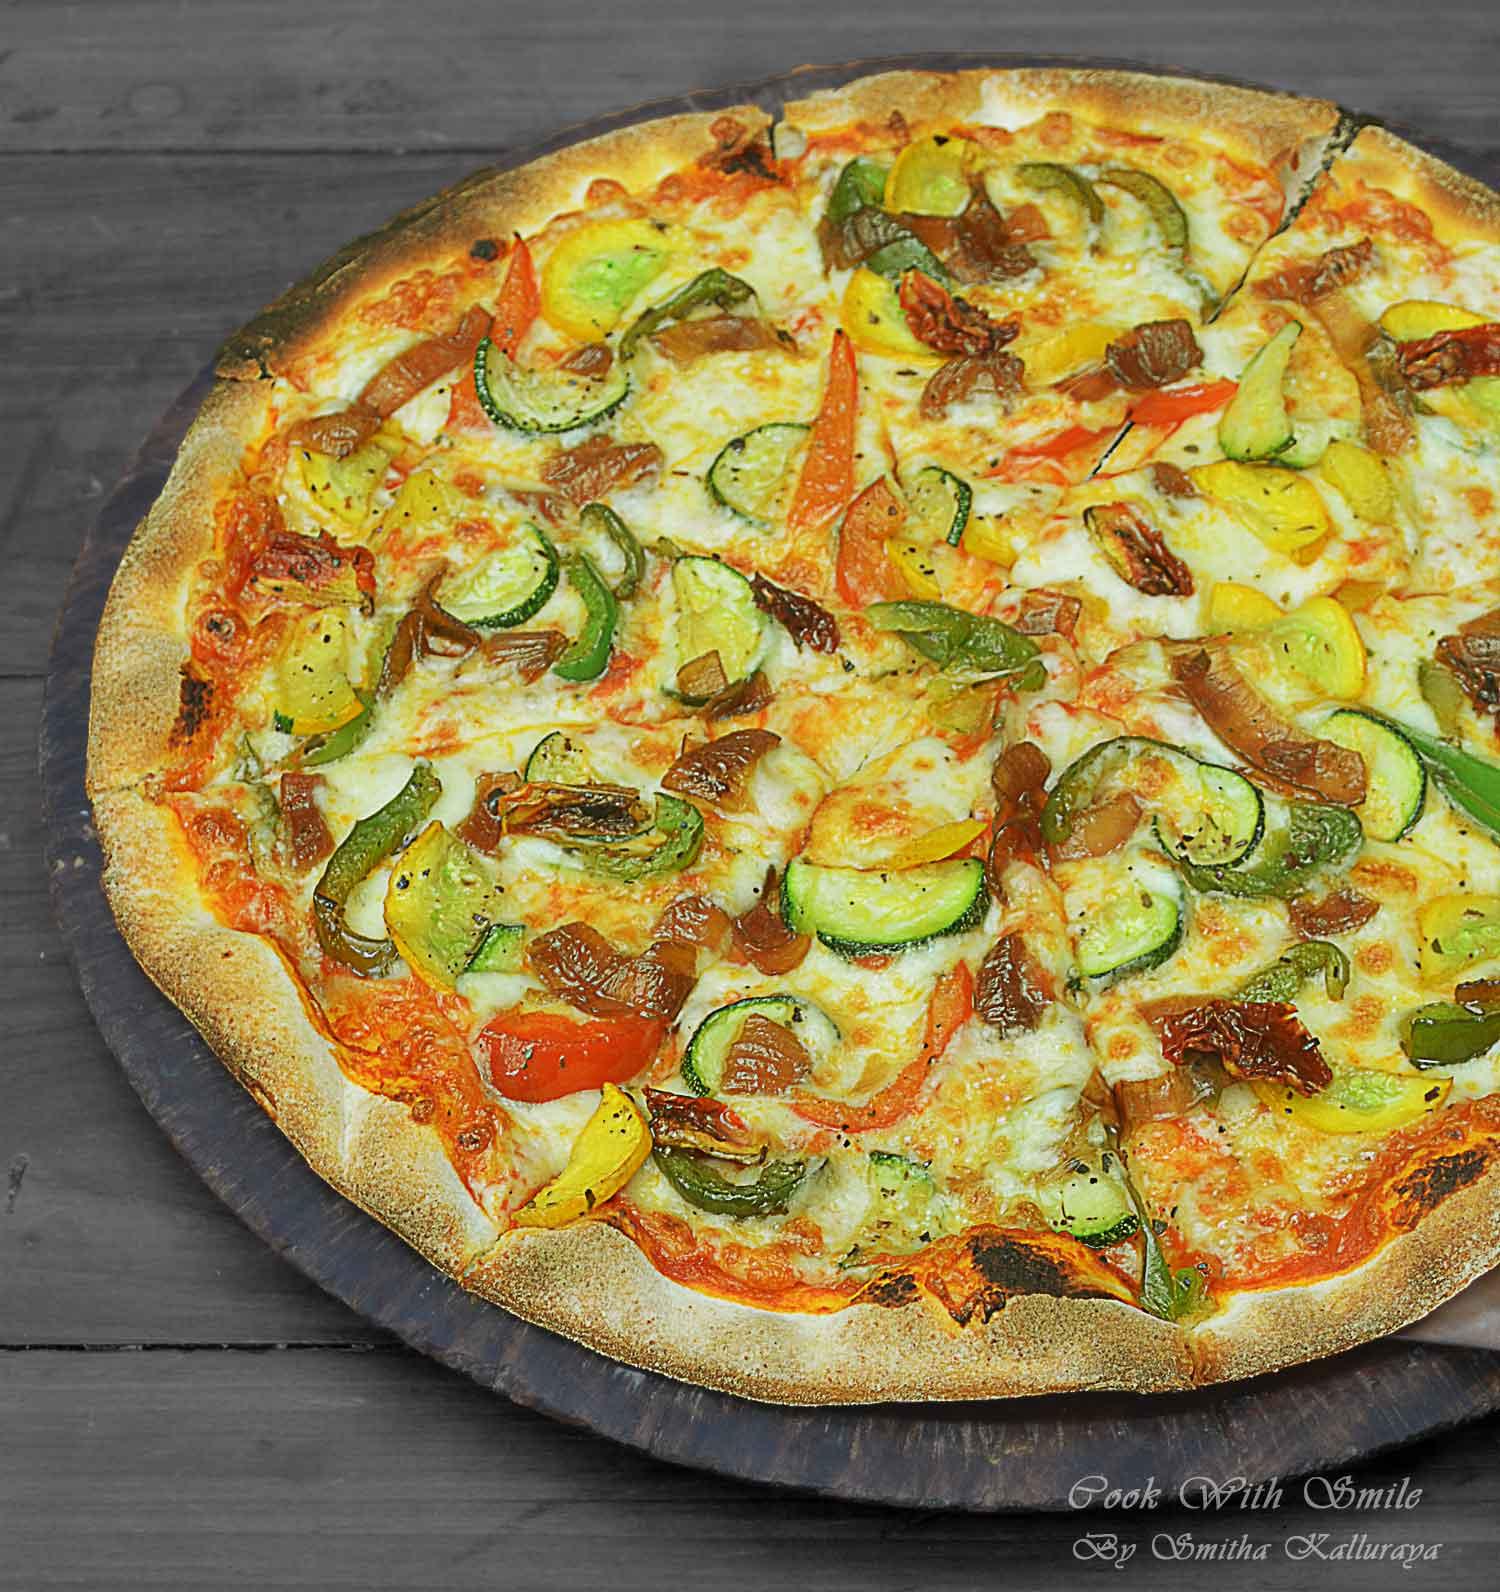 PIZZA ONLINE FROM FRESHMENU